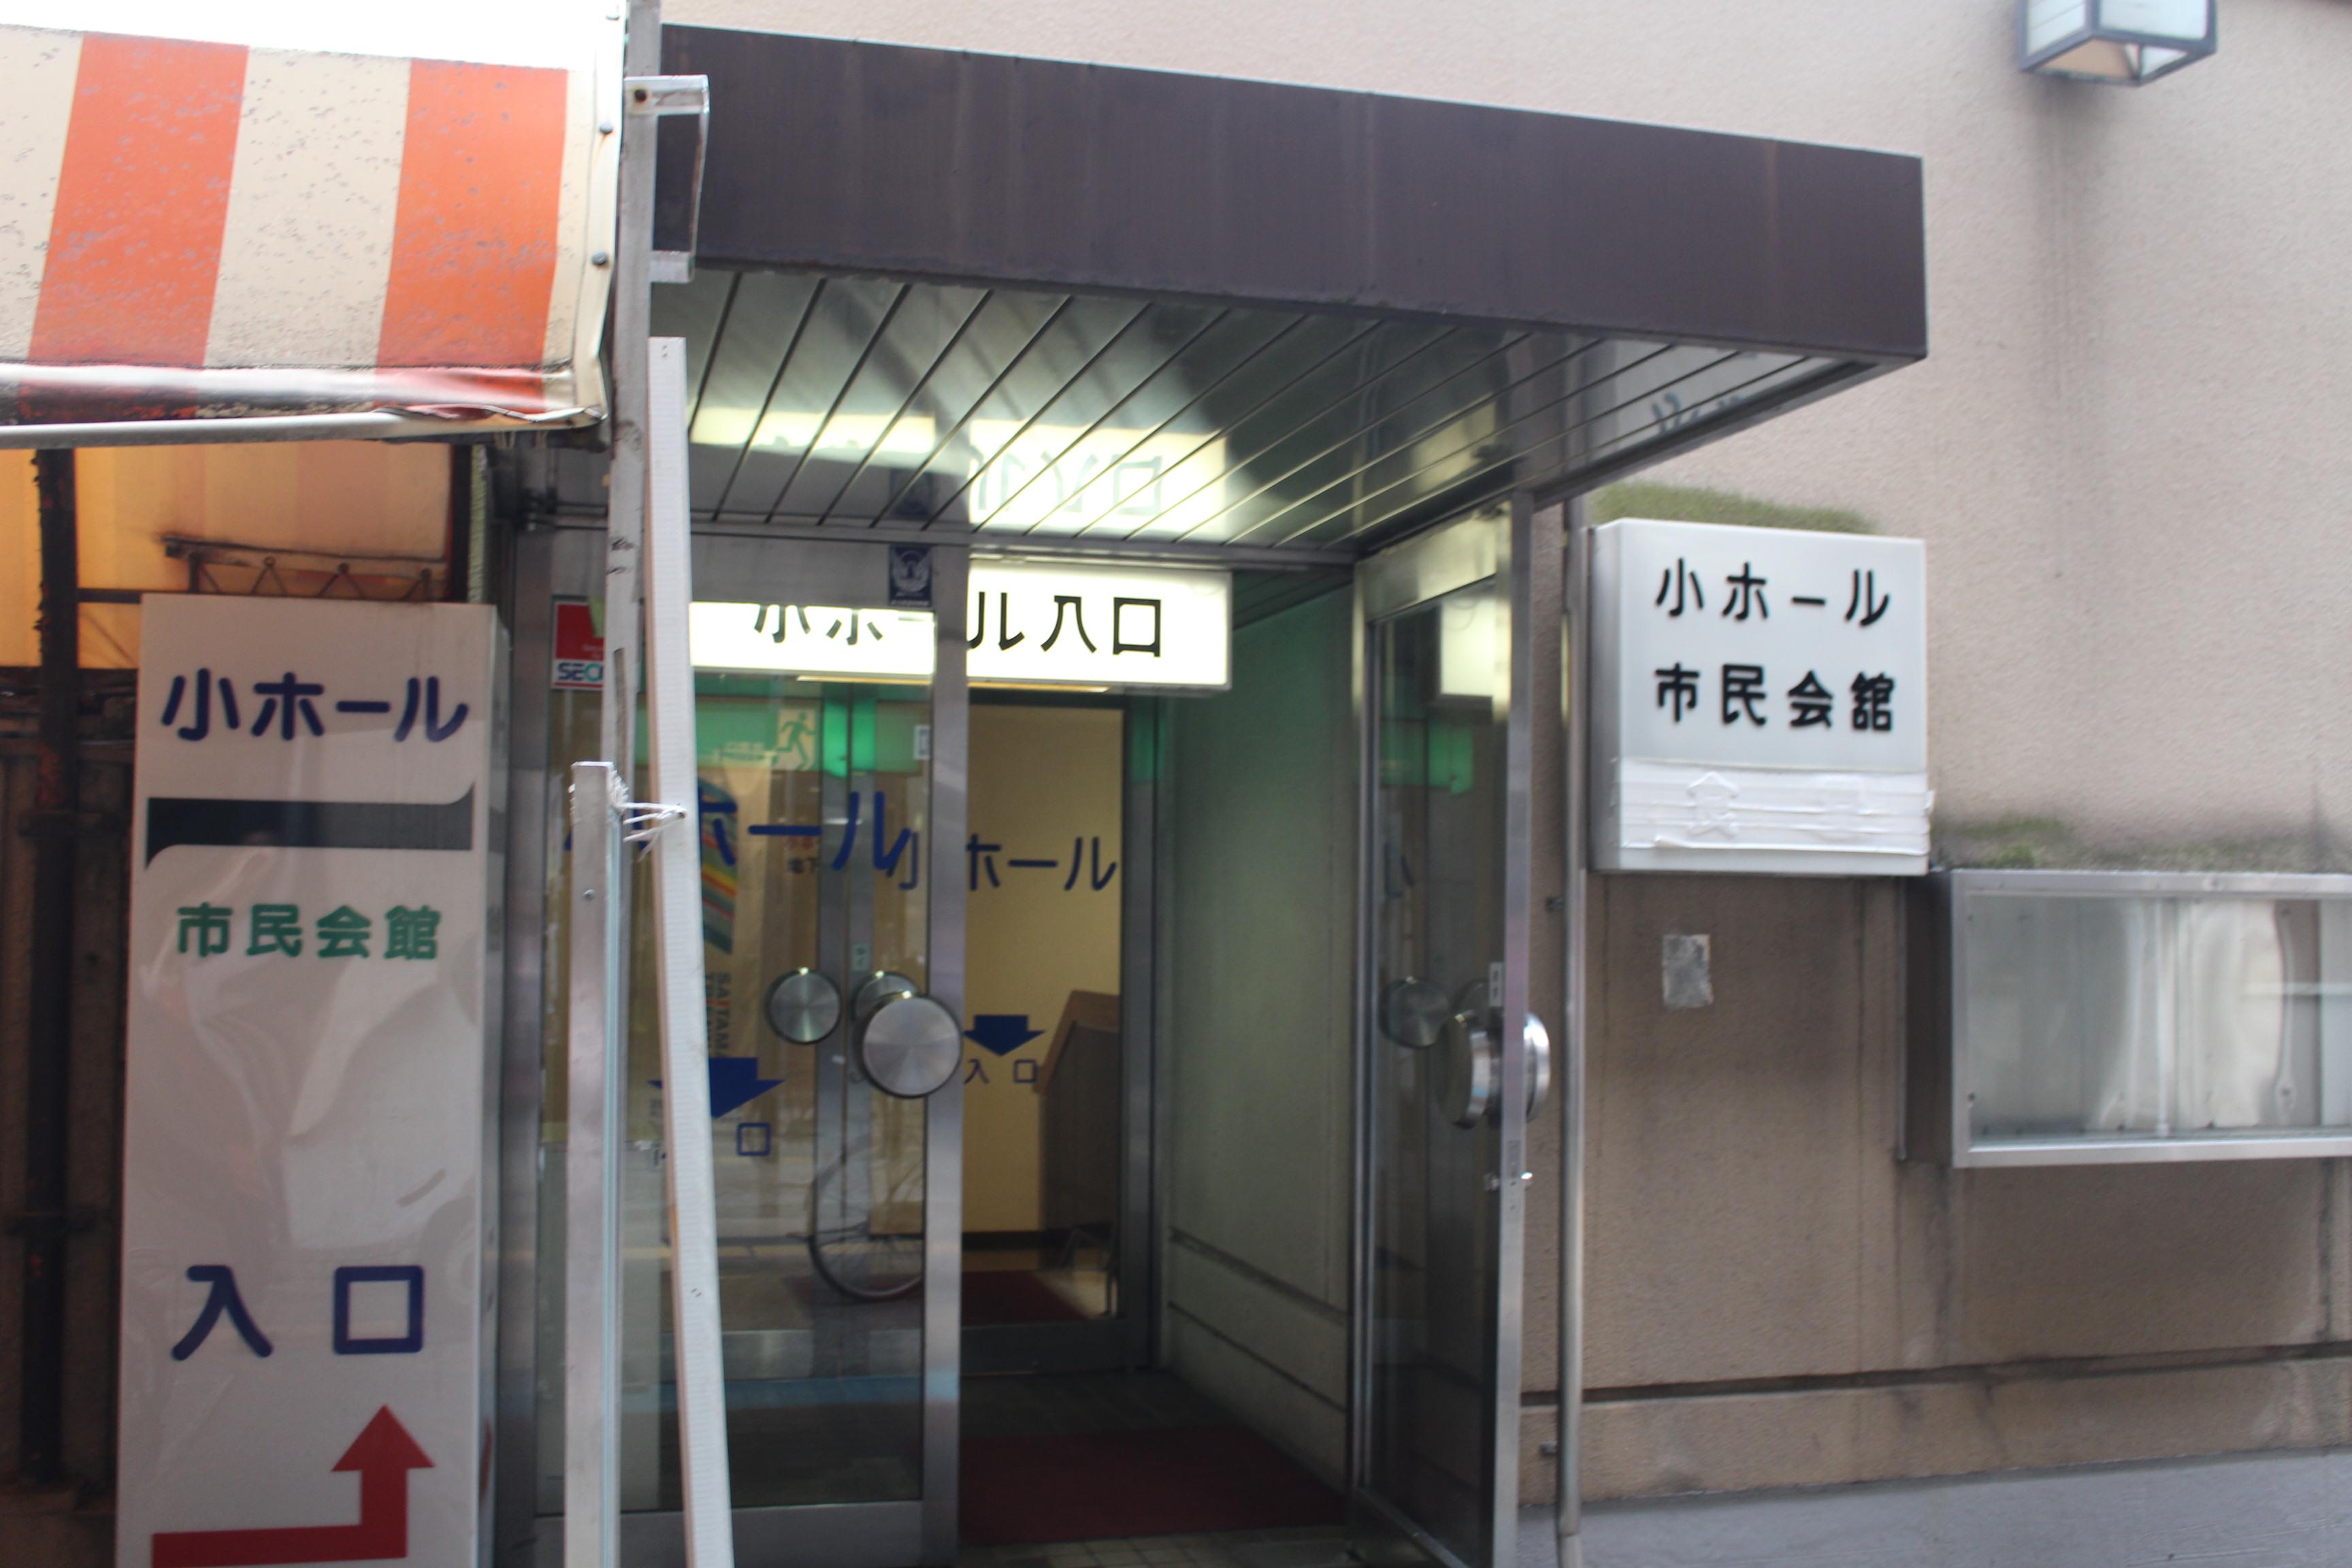 地下食堂への入り口